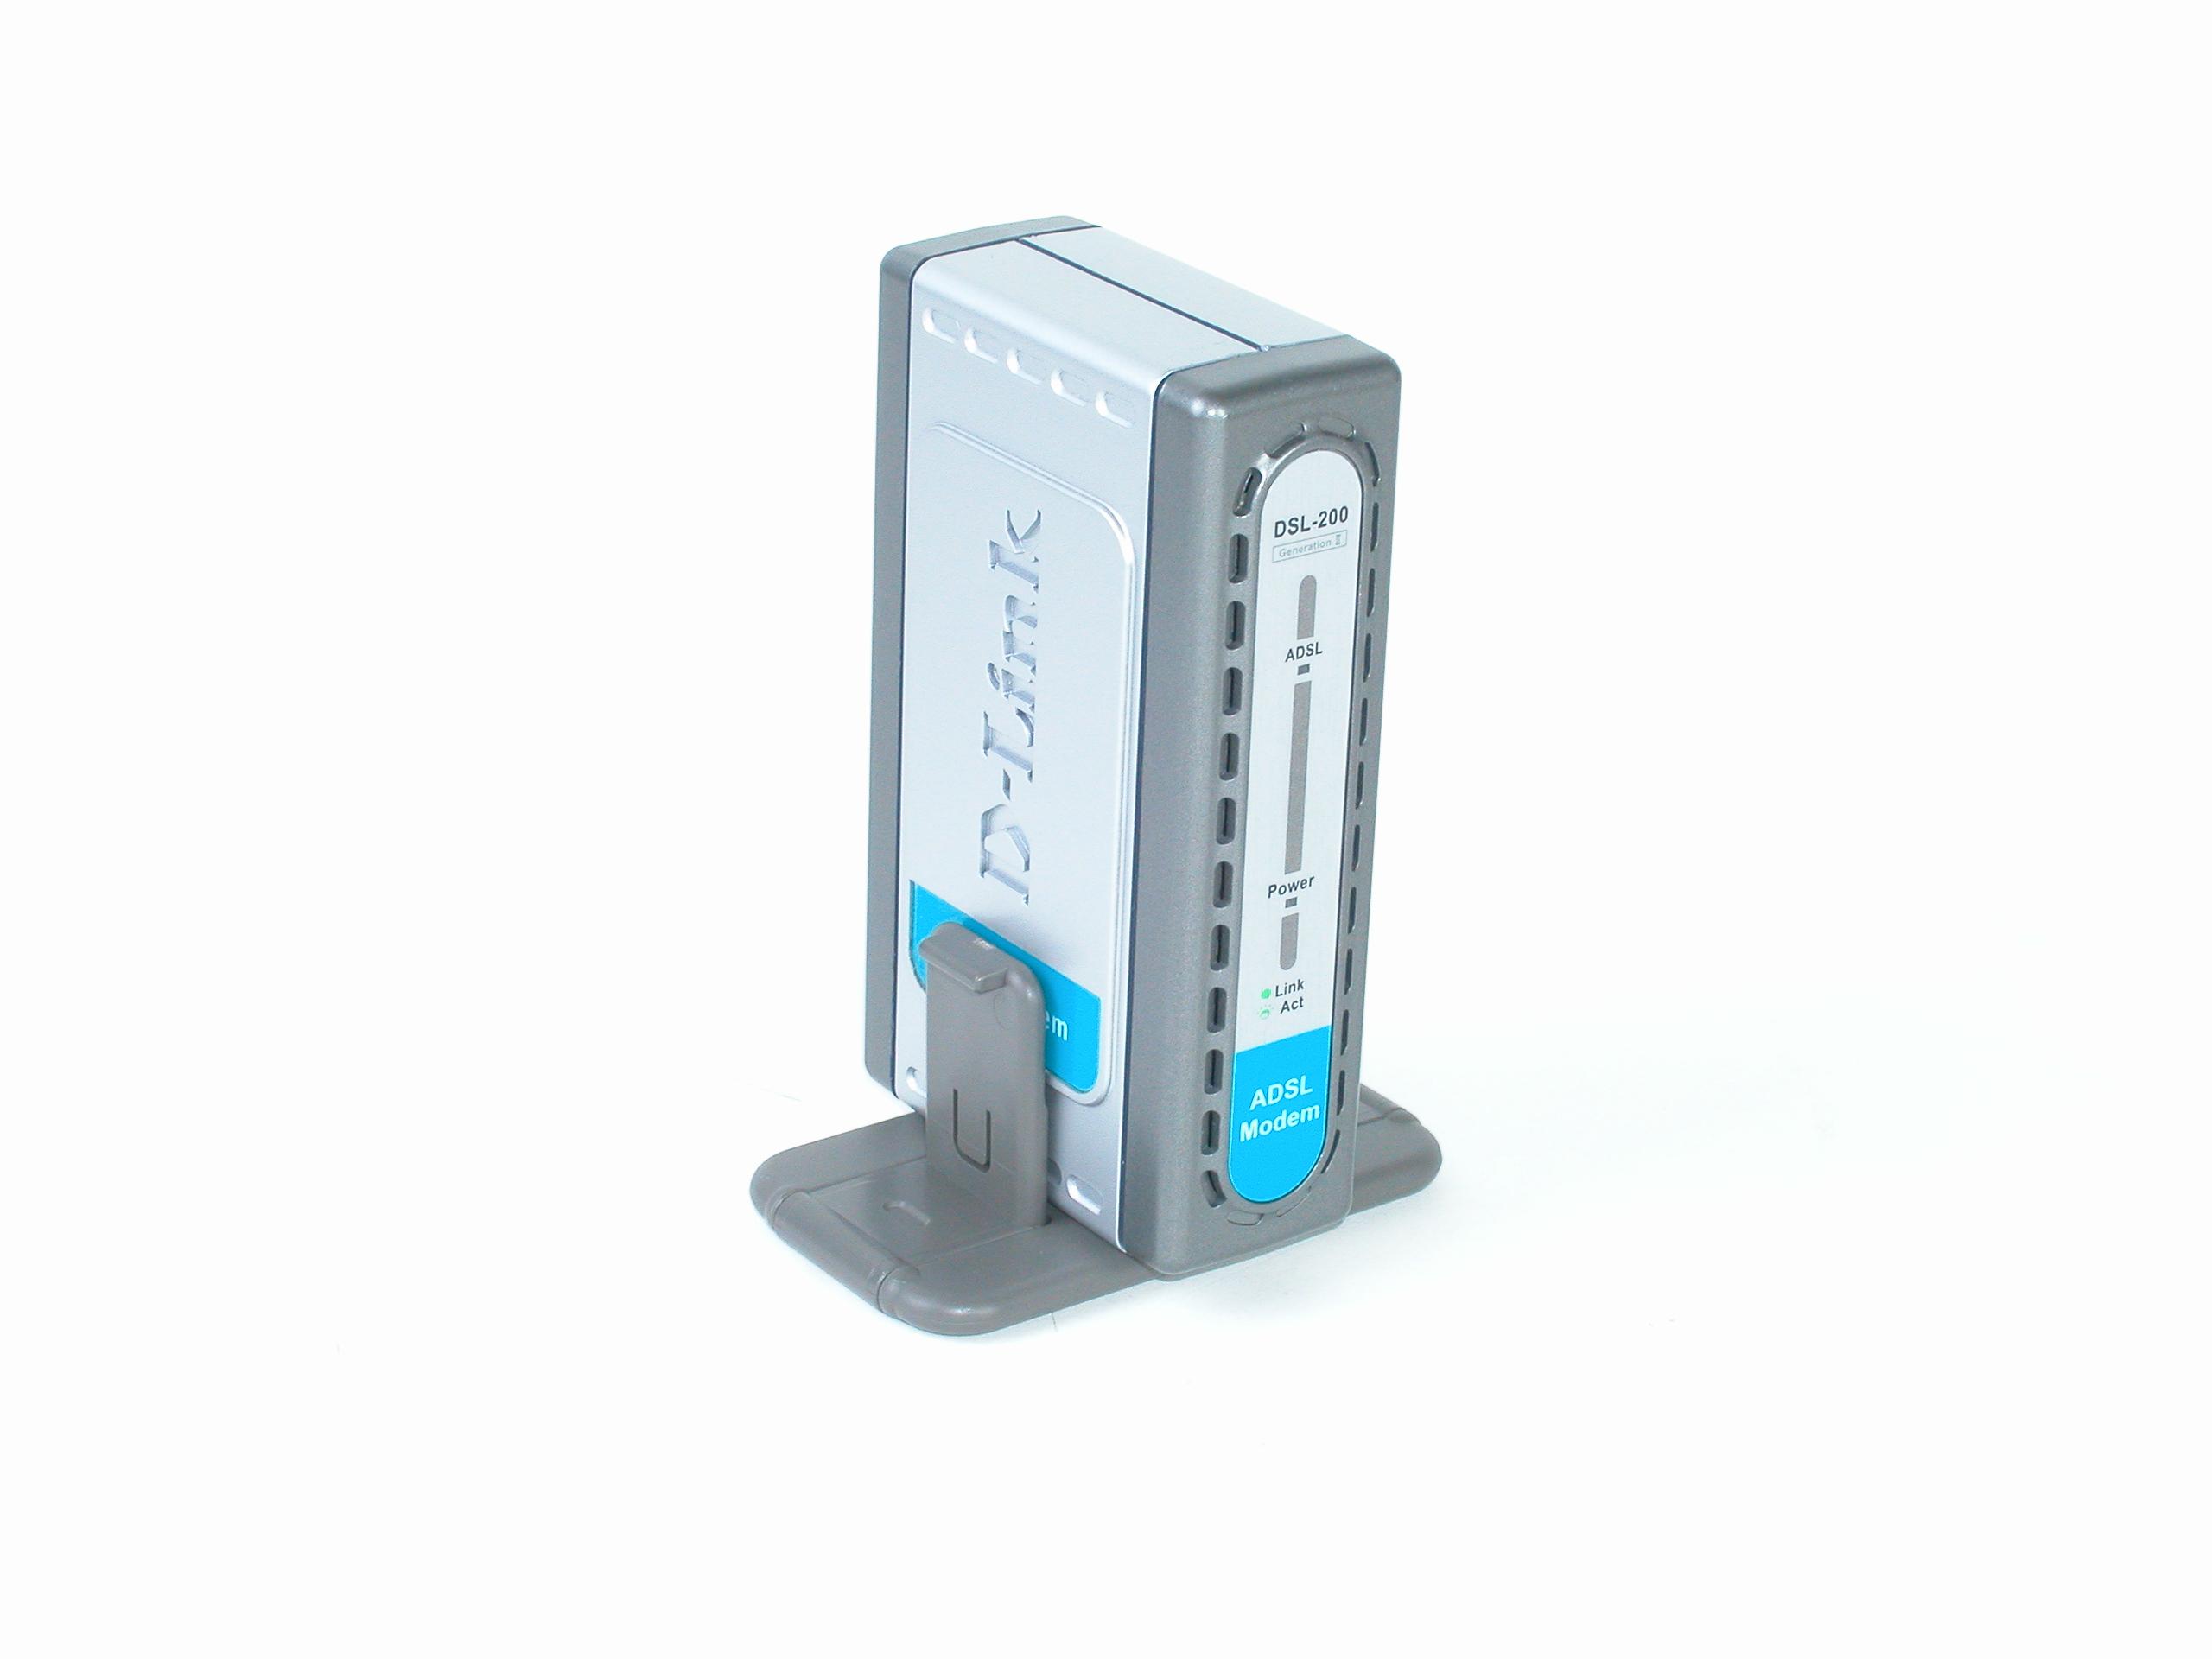 Asus adsl modem am602 usb driver windows xp climatefilecloud.